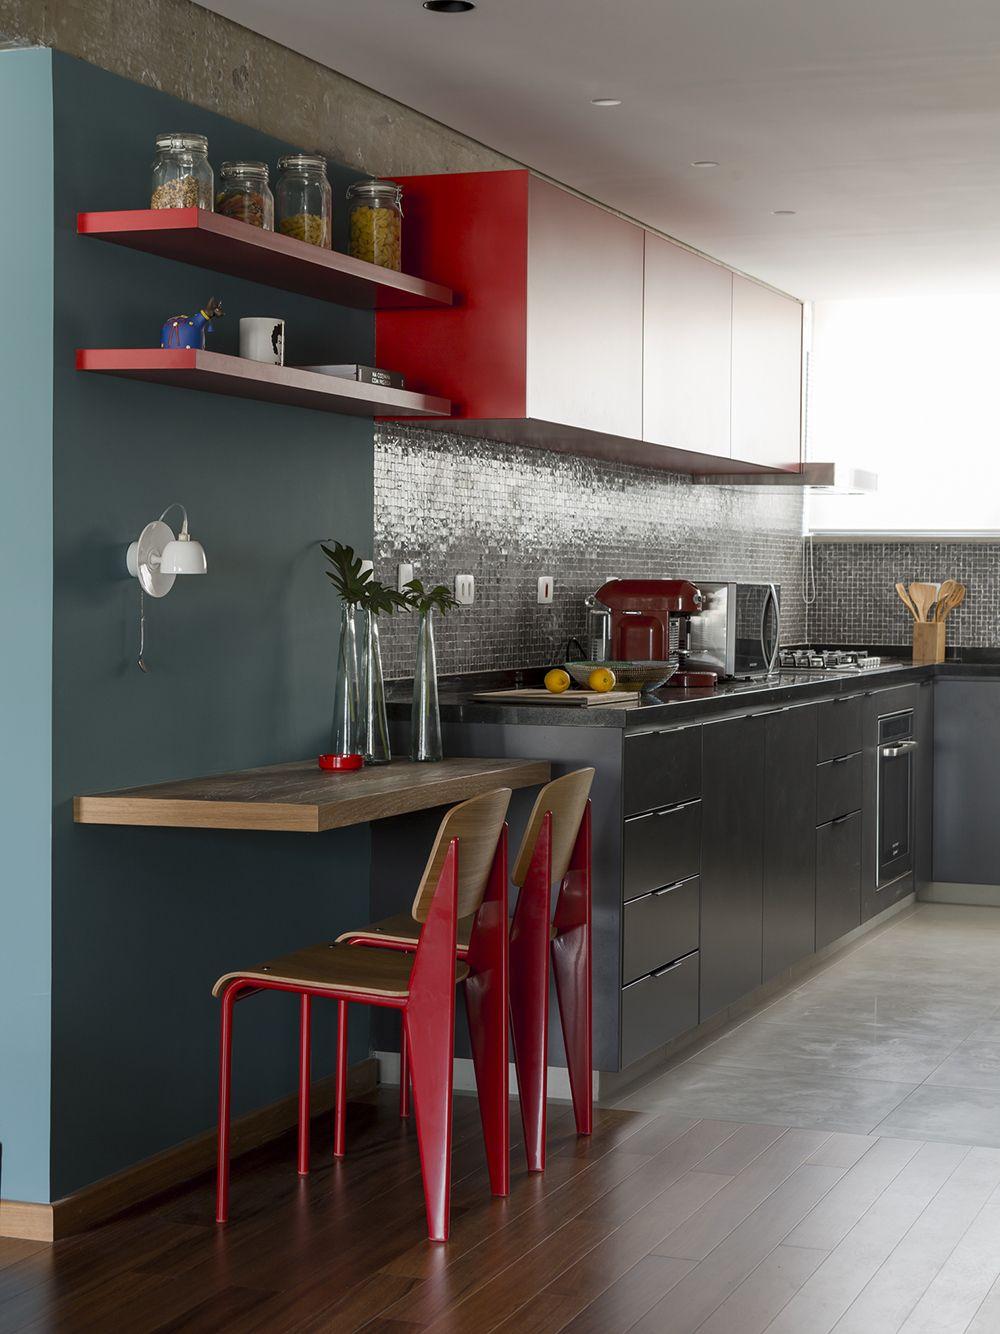 Cozinha Corredor Da Dt Estudio Espa O Para Refei Es R Pidas E